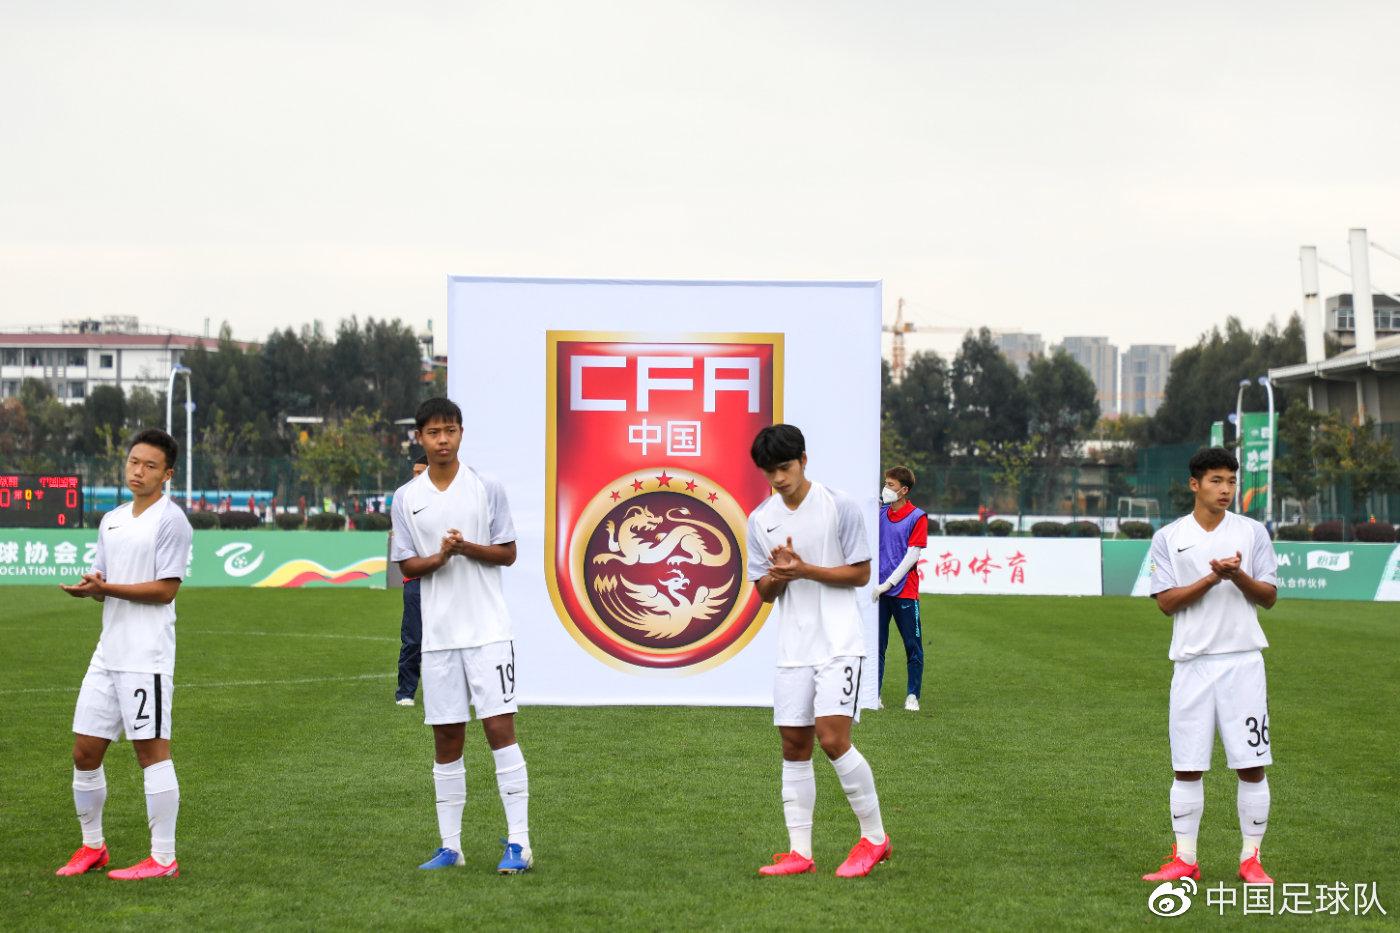 U19國青在中乙比賽中。圖片來源:中國足球隊官微